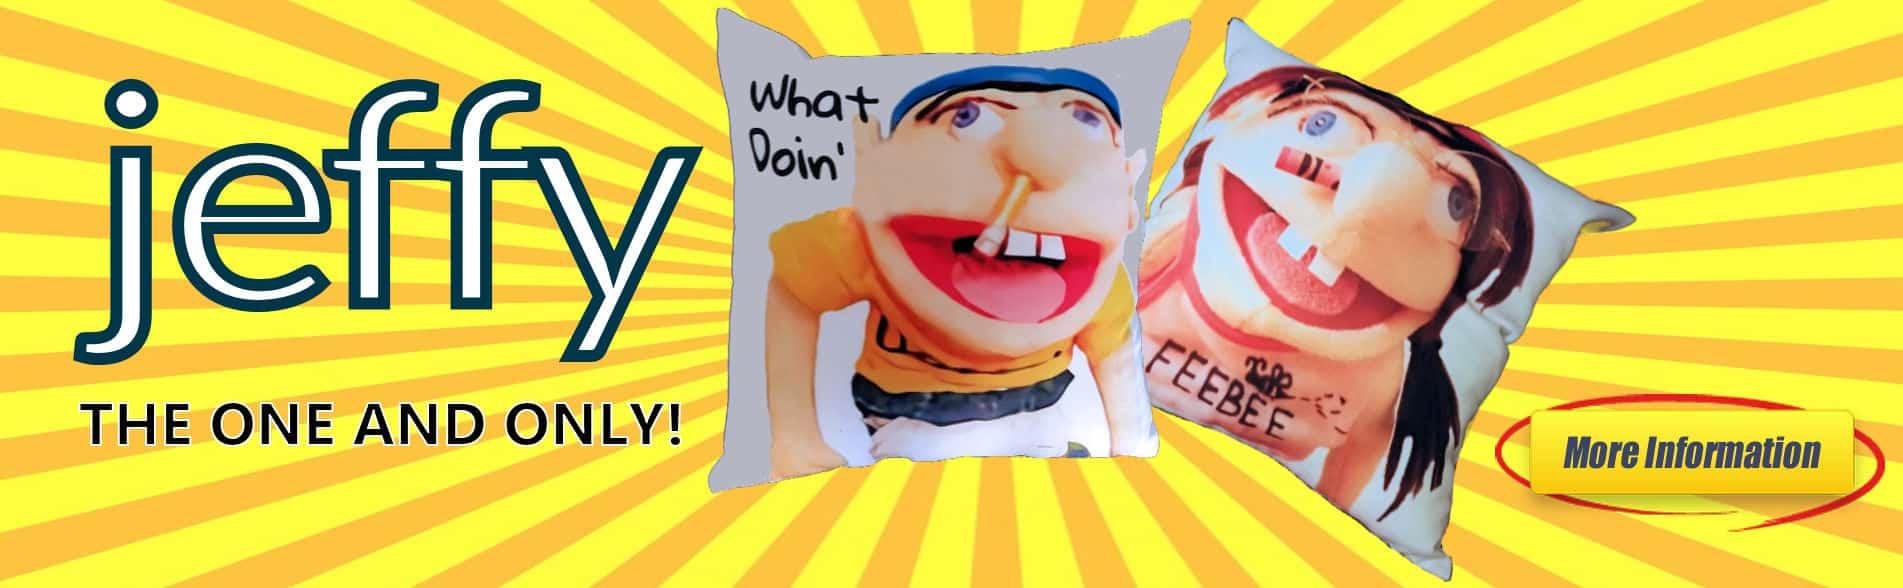 Jeffy Pillows